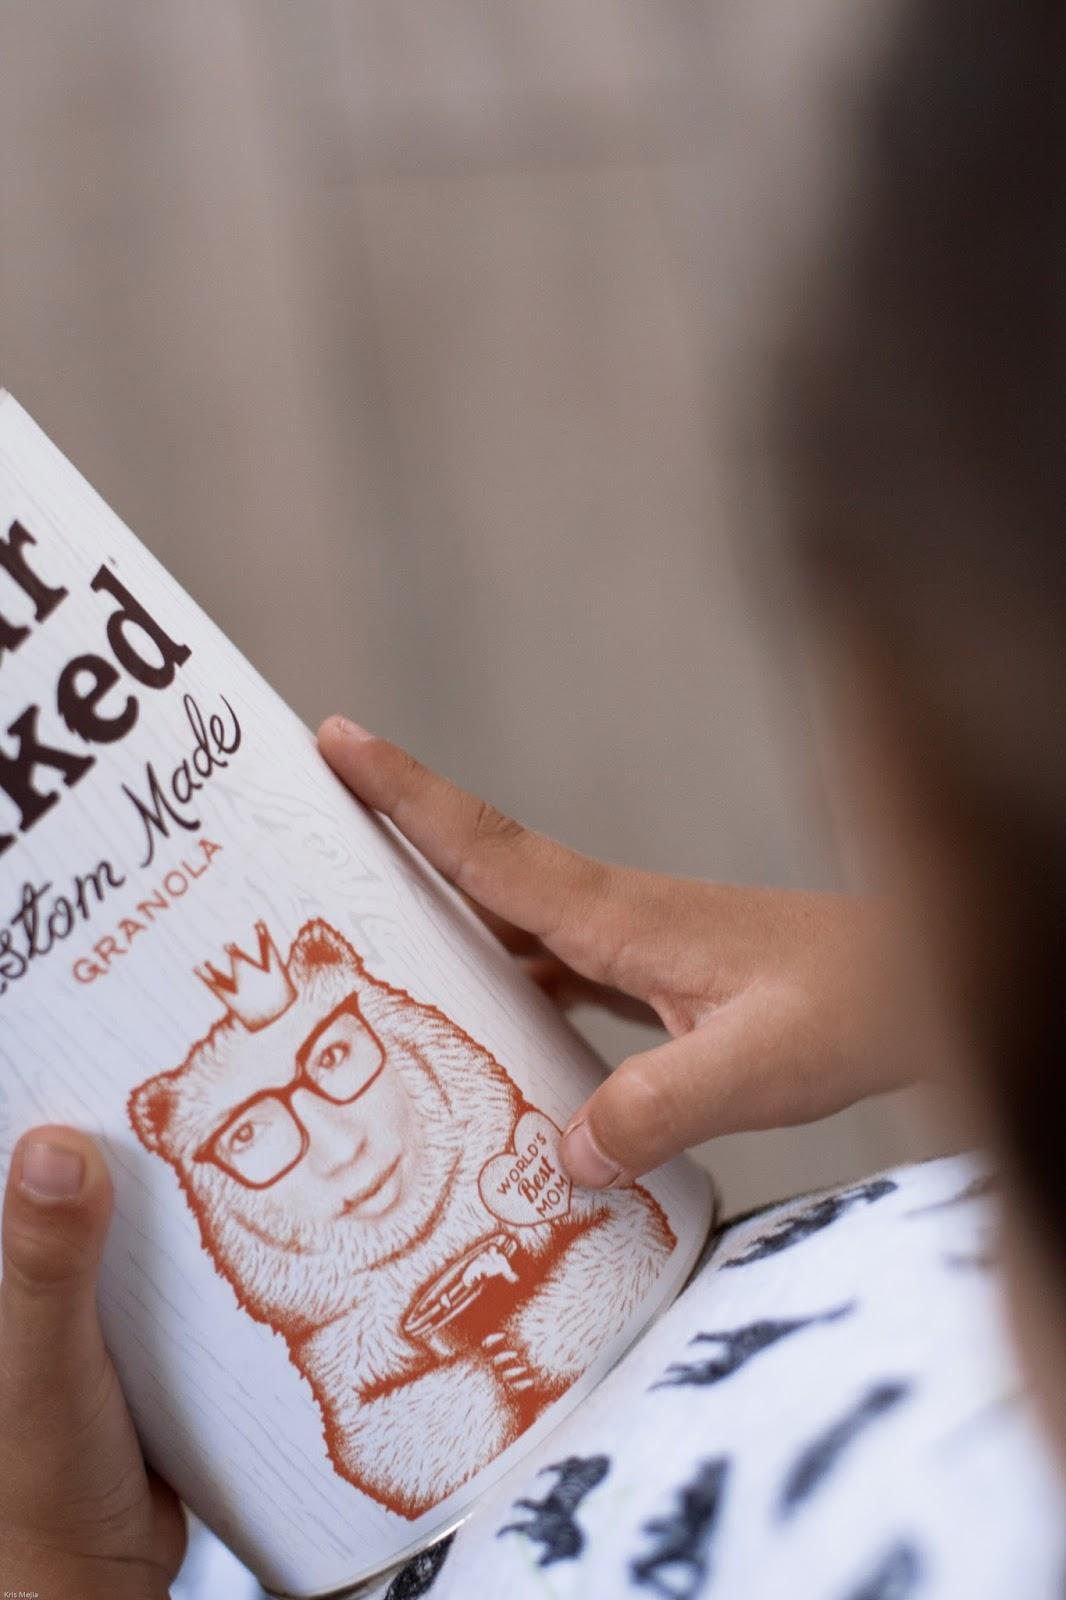 Bear Naked Custom Granola Review - AskMen